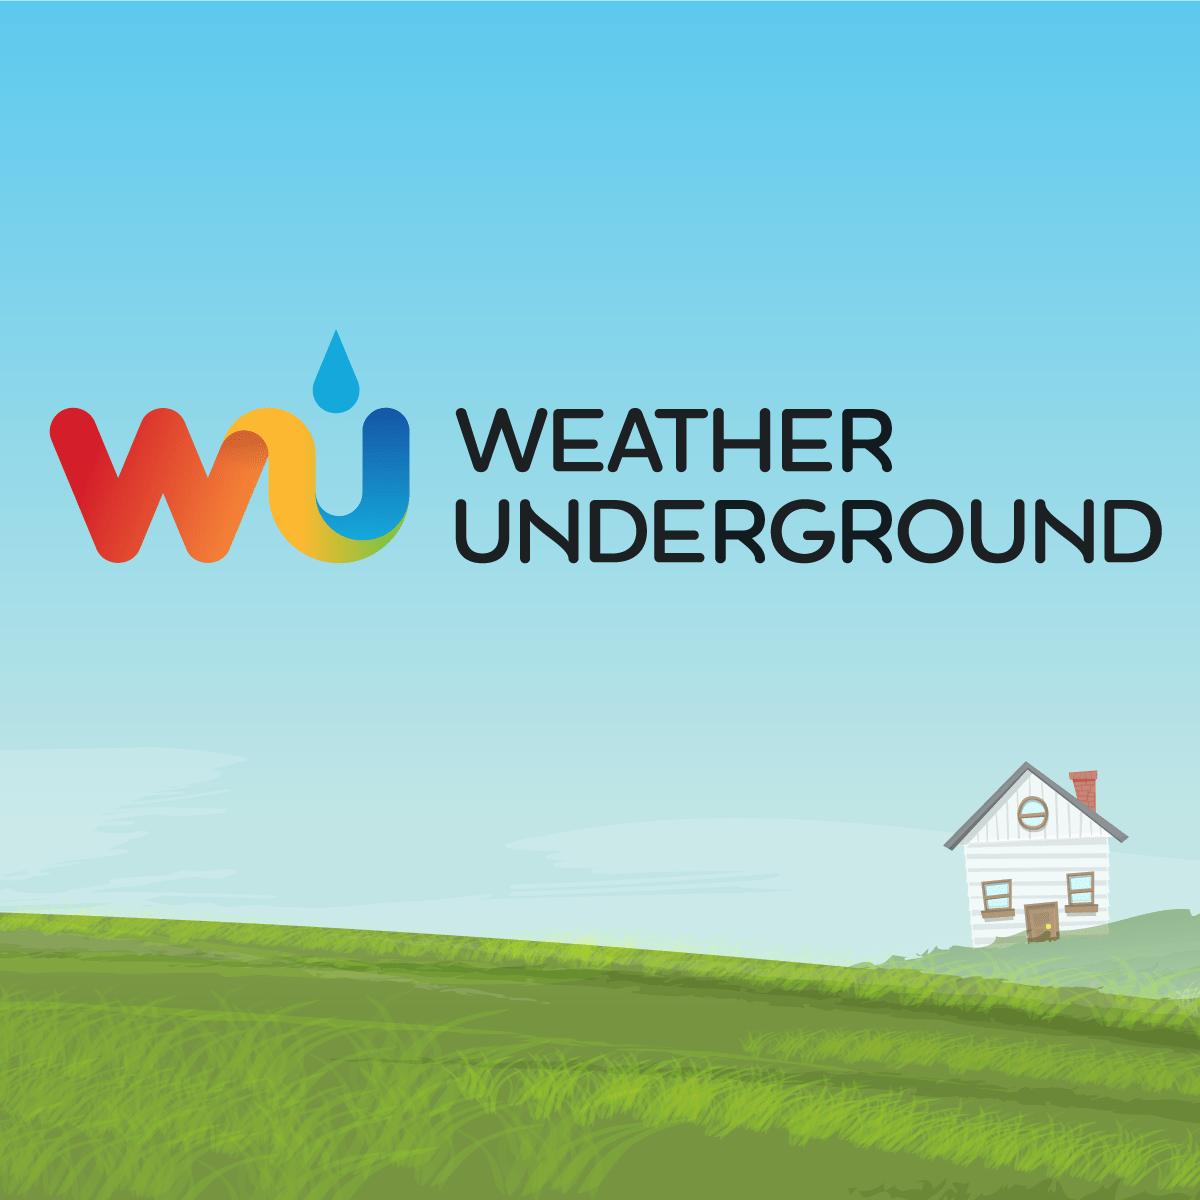 hurricane dorian weather underground